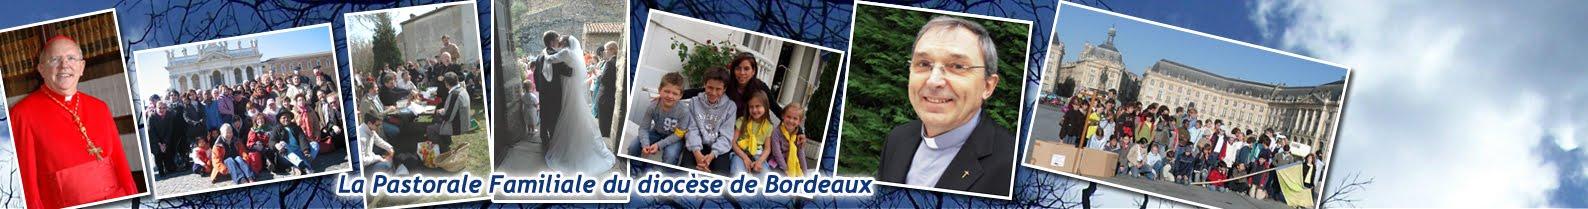 La Pastorale Familiale de Bordeaux